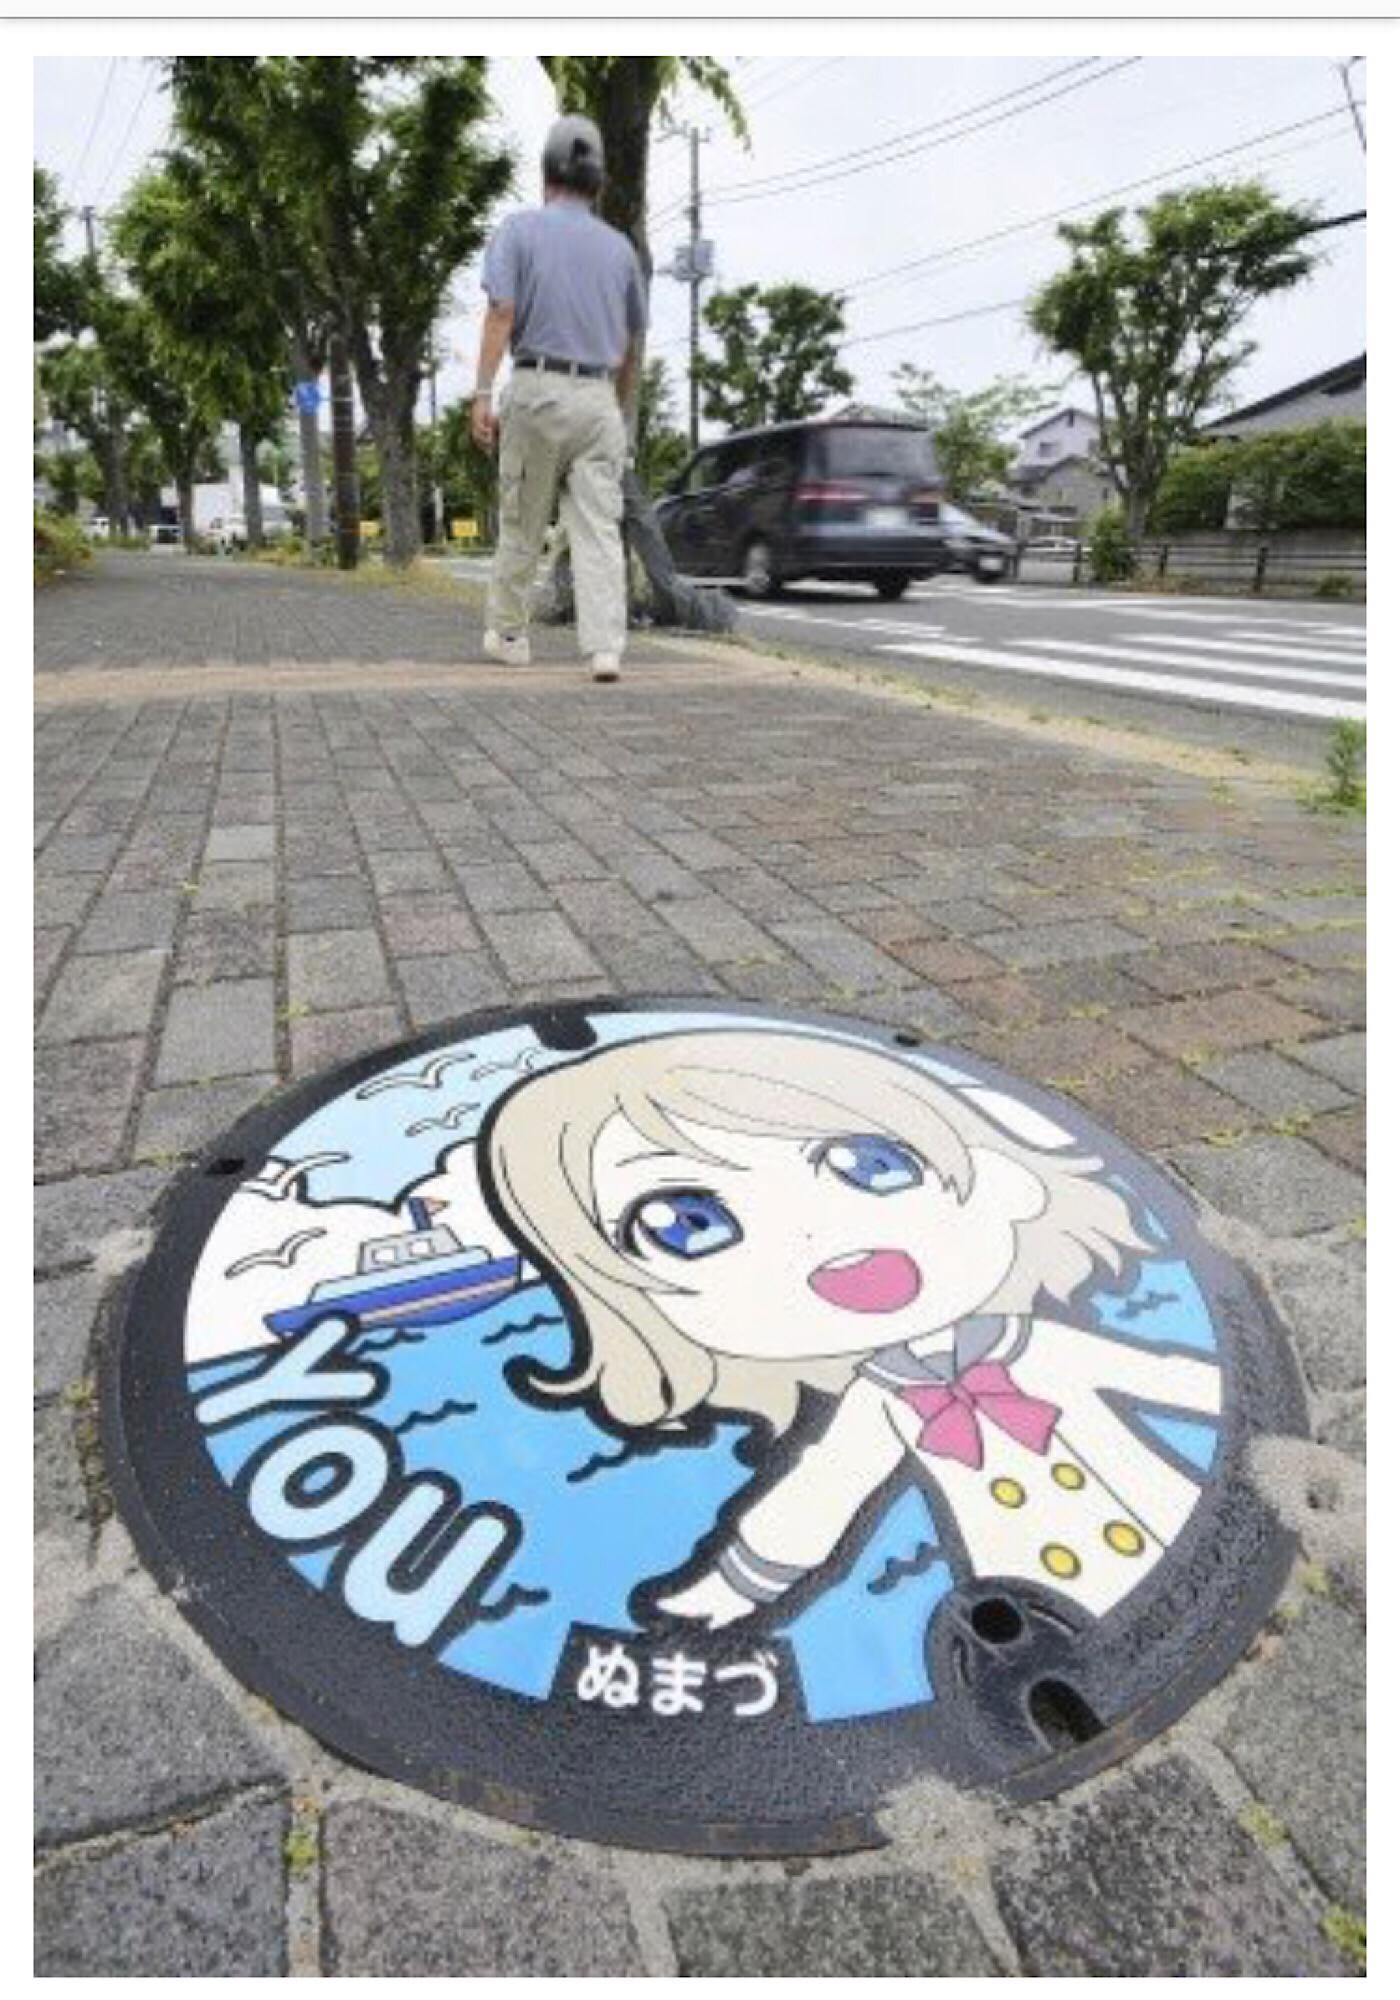 人気アニメ「ラブライブ!サンシャイン!!」のキャラクターが描かれたマンホールの画像